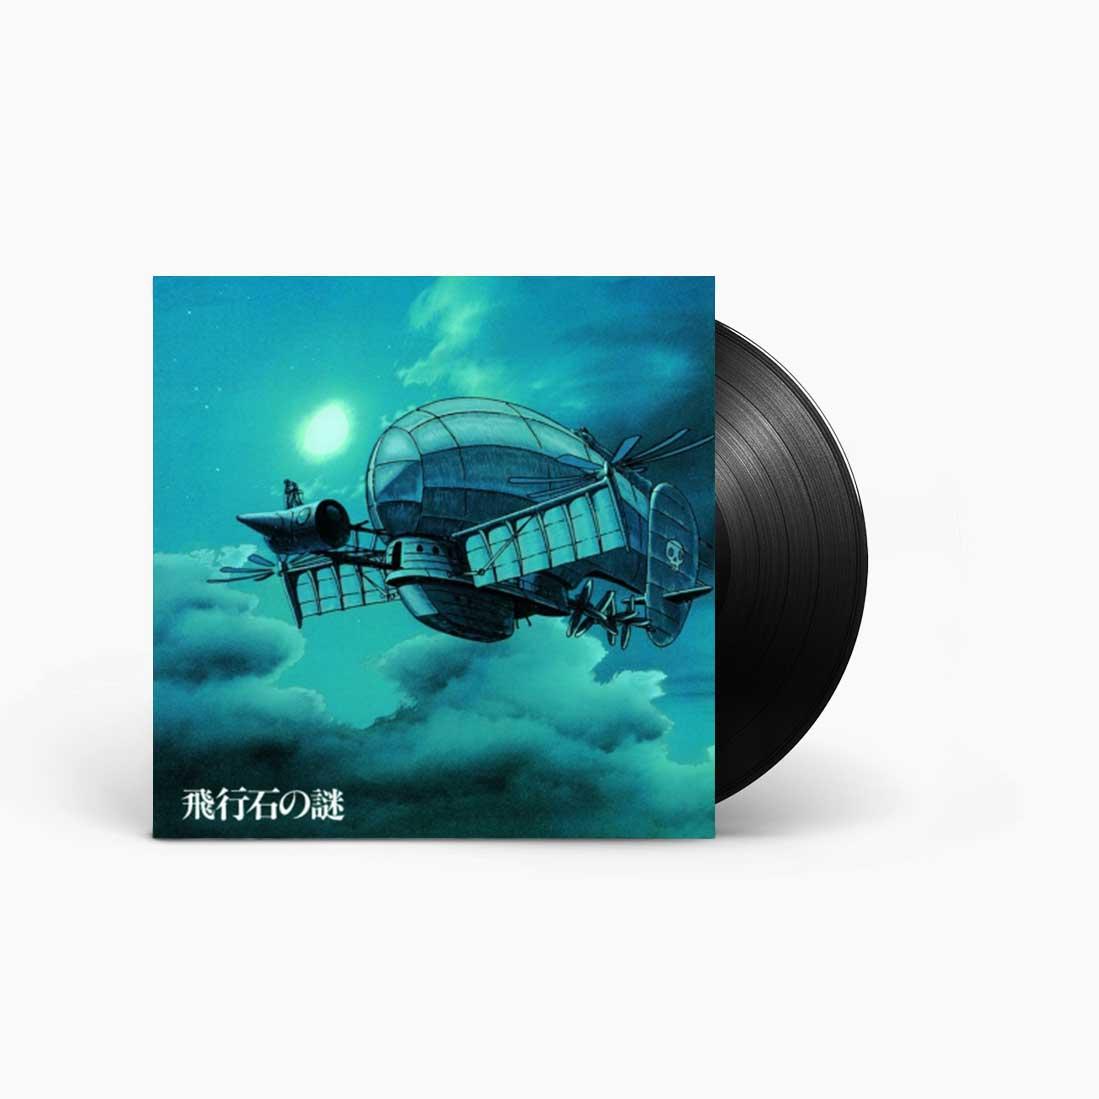 unun-Joe-Hisaish-vinyl-cover_t-5.jpg